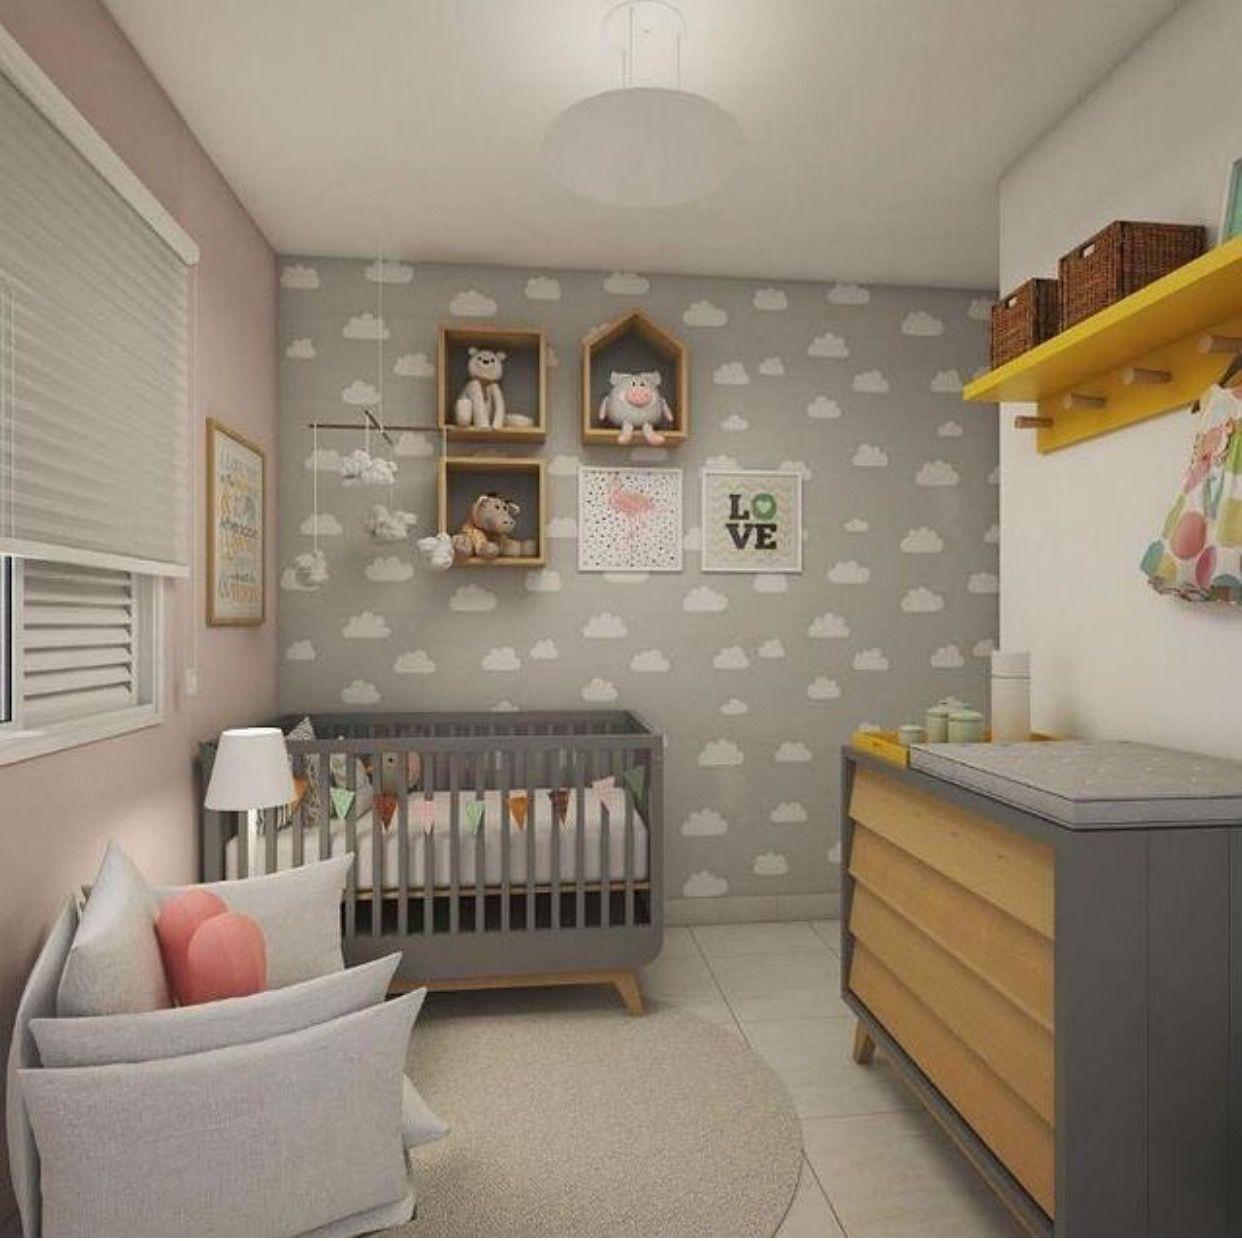 Pin de Murillo E Kelly en Baby   Pinterest   Cuarto bebe, Bebe y Nubes